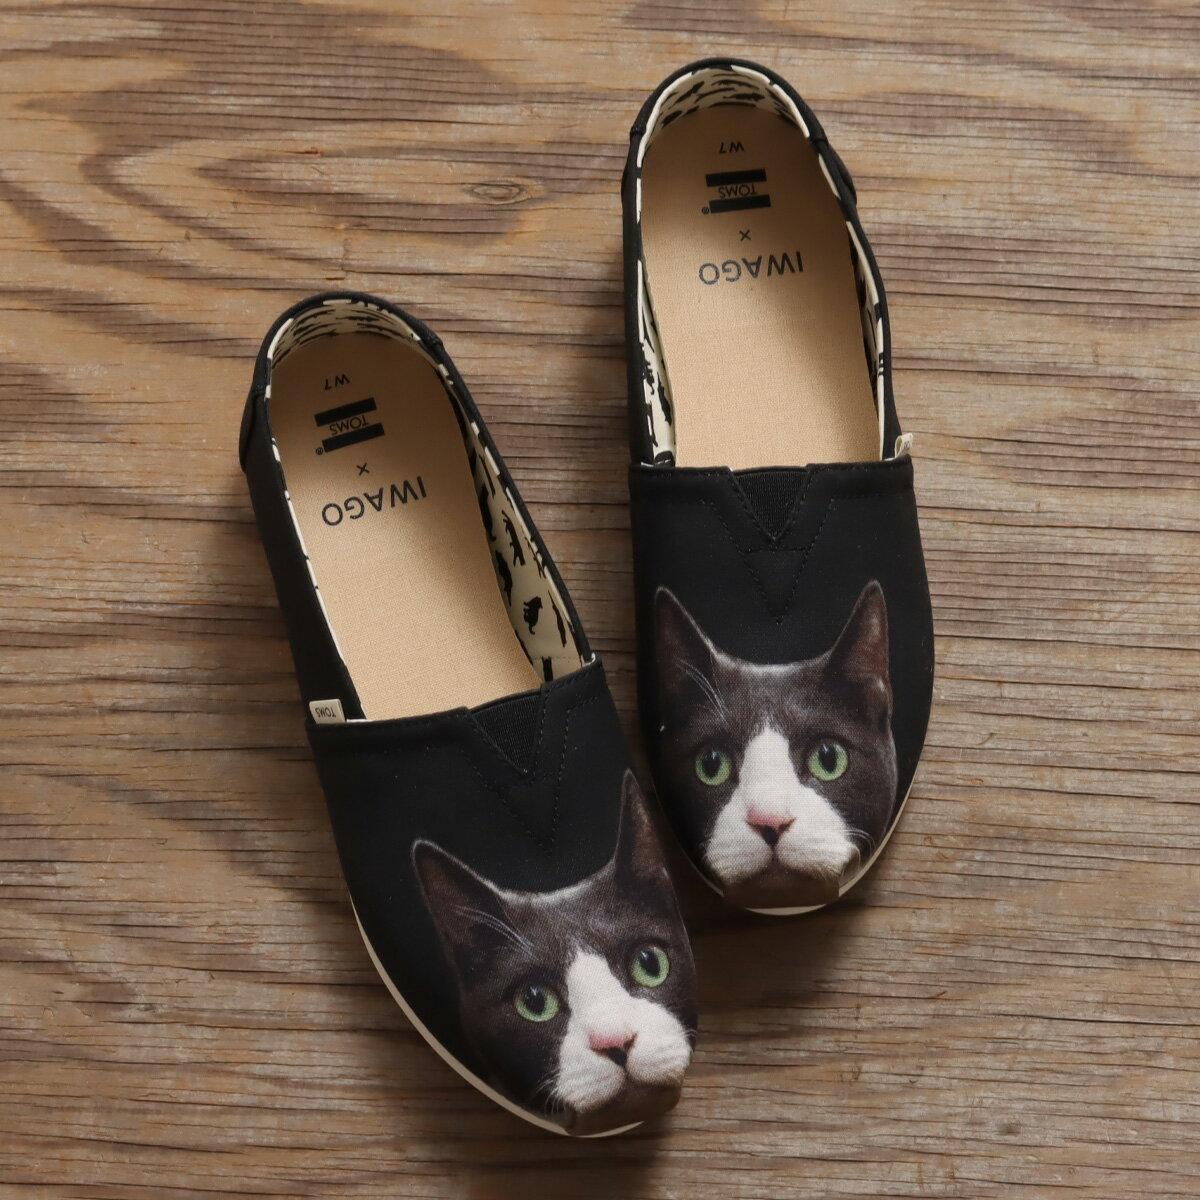 TOMS × IWAGO ALPARGATA(トムス × イワゴウ アルパルガータ)Black Gray Cat Print【レディース スニーカー】20SP-S画像